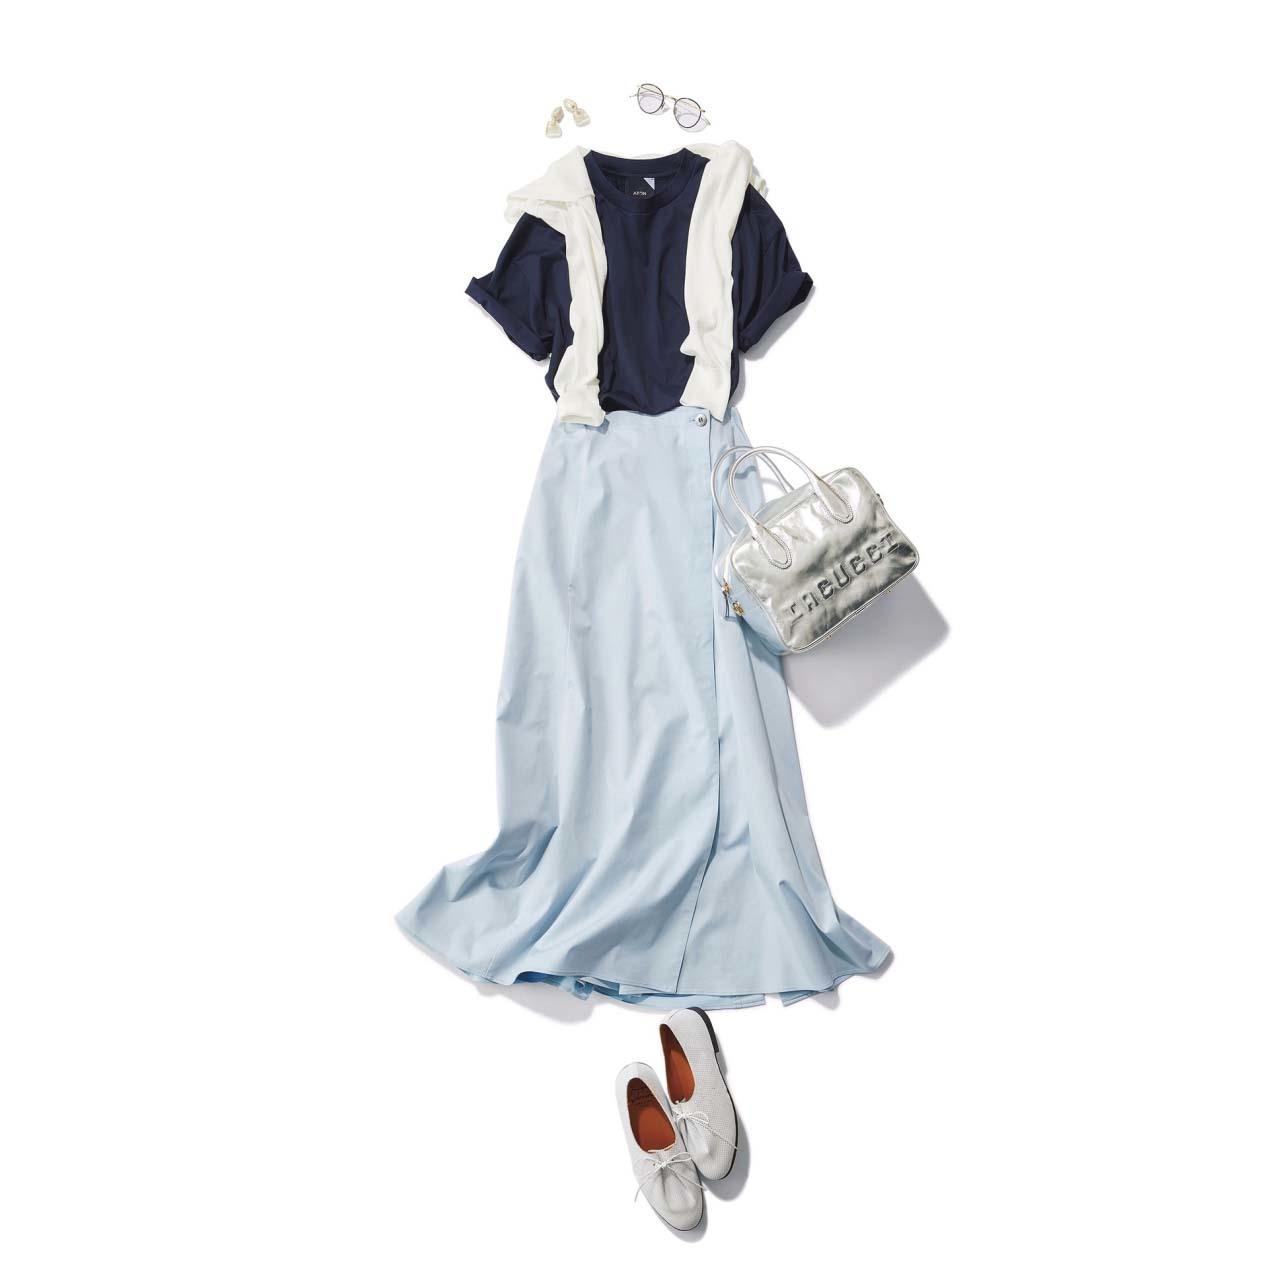 ■肩がけ白ニット×ネイビーのTシャツ×ライトブルーのスカートコーデ